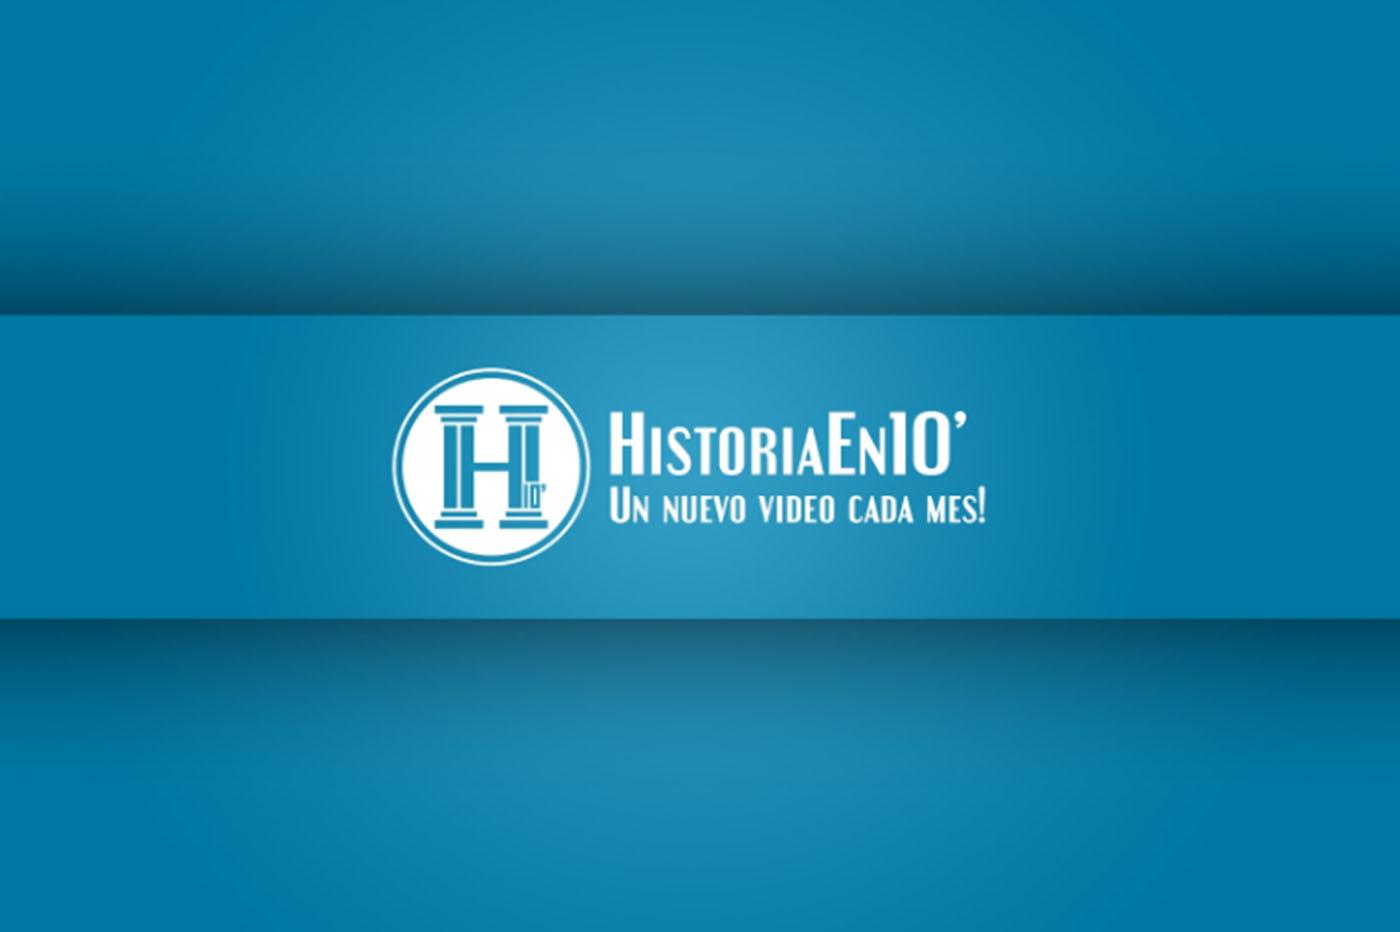 Crítica Historiaen10'